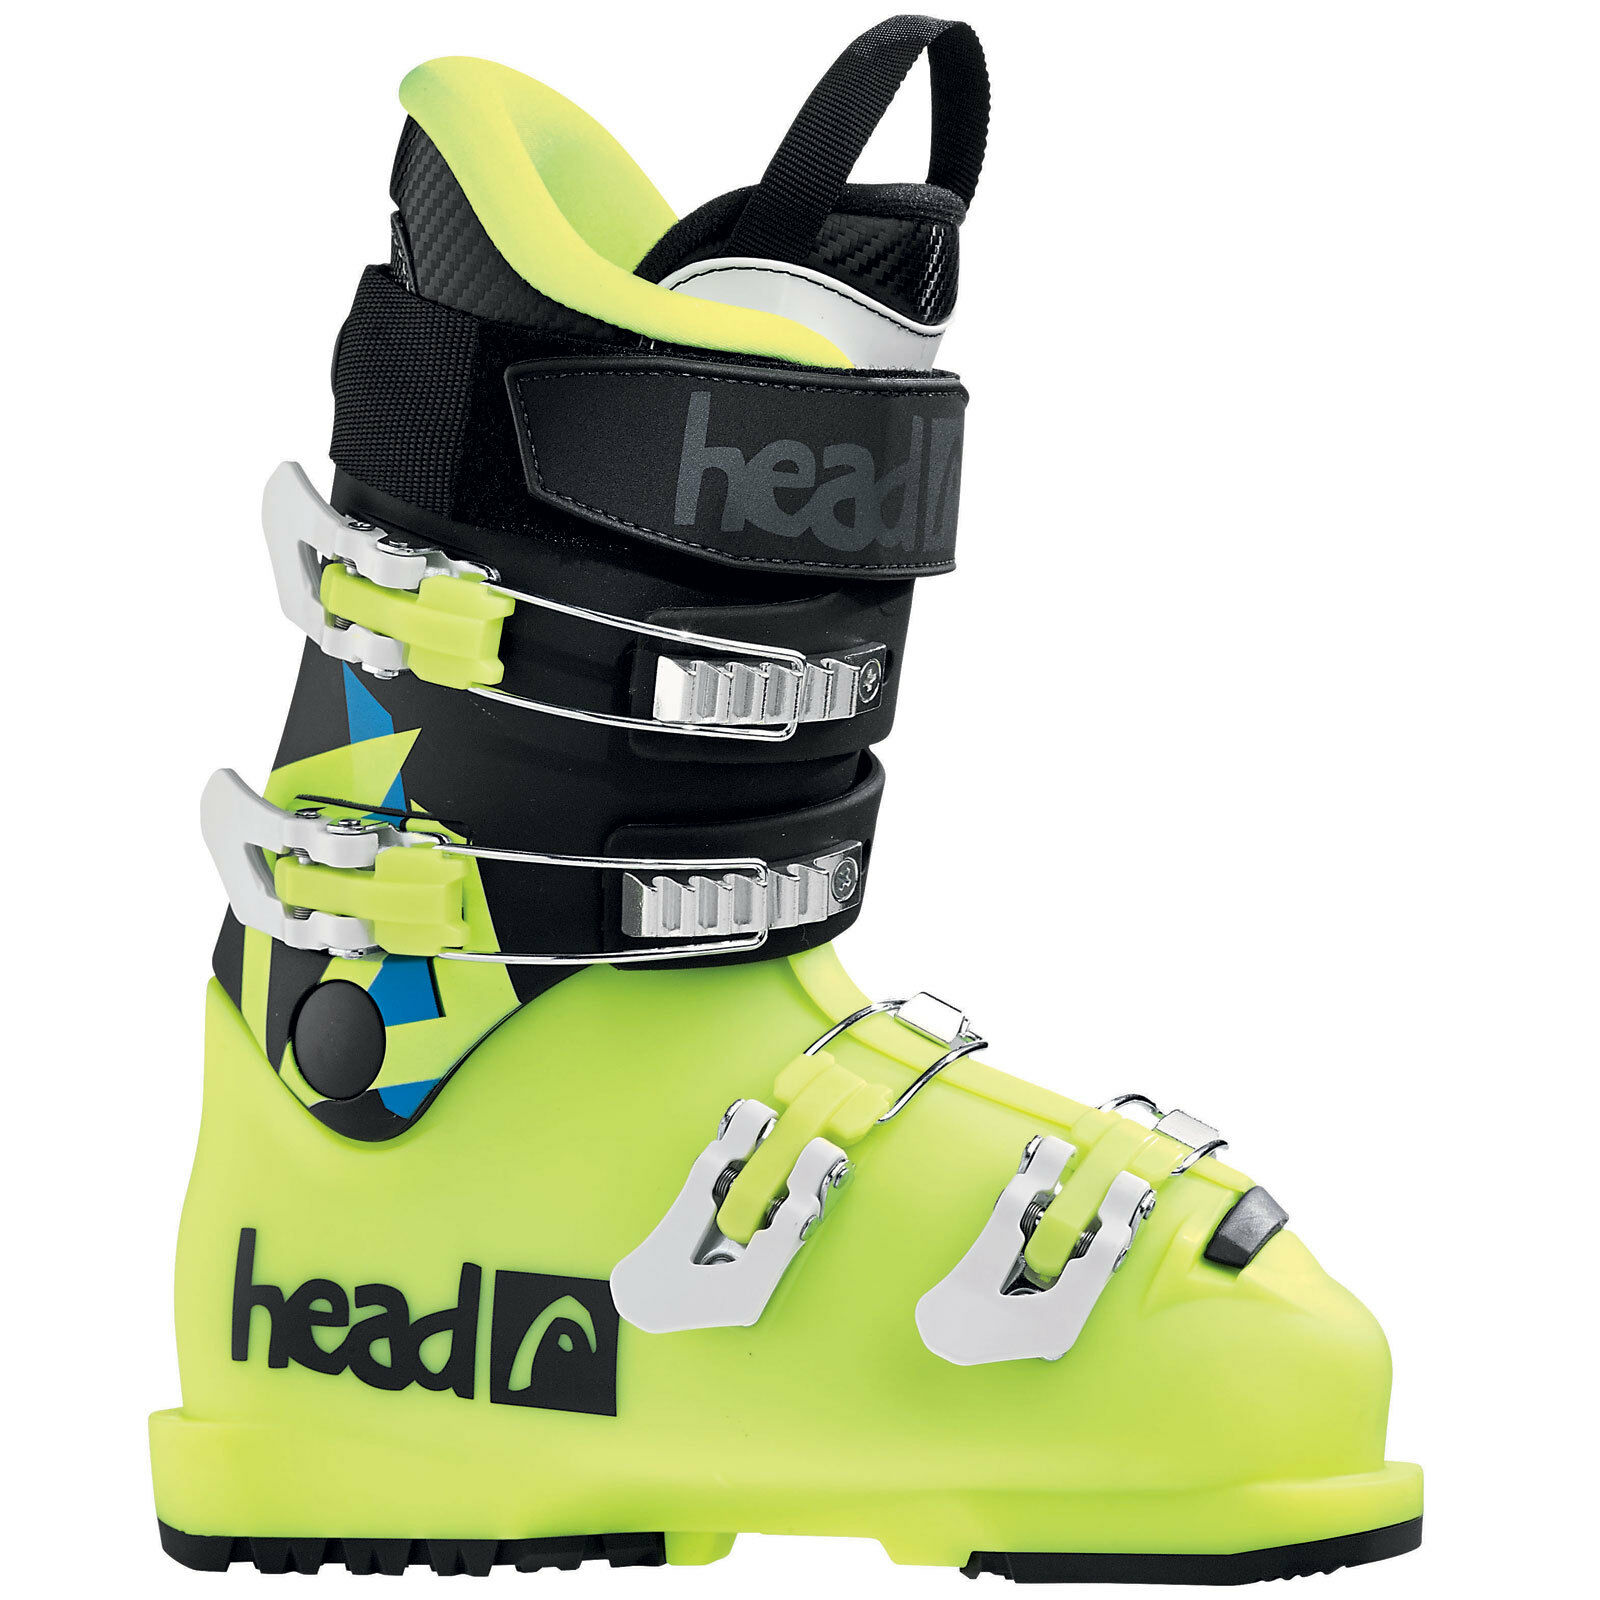 Head Raptor Caddy 60 Junior Skischuhe Kinder Skistiefel Stiefel Schuhe Ski Stiefel